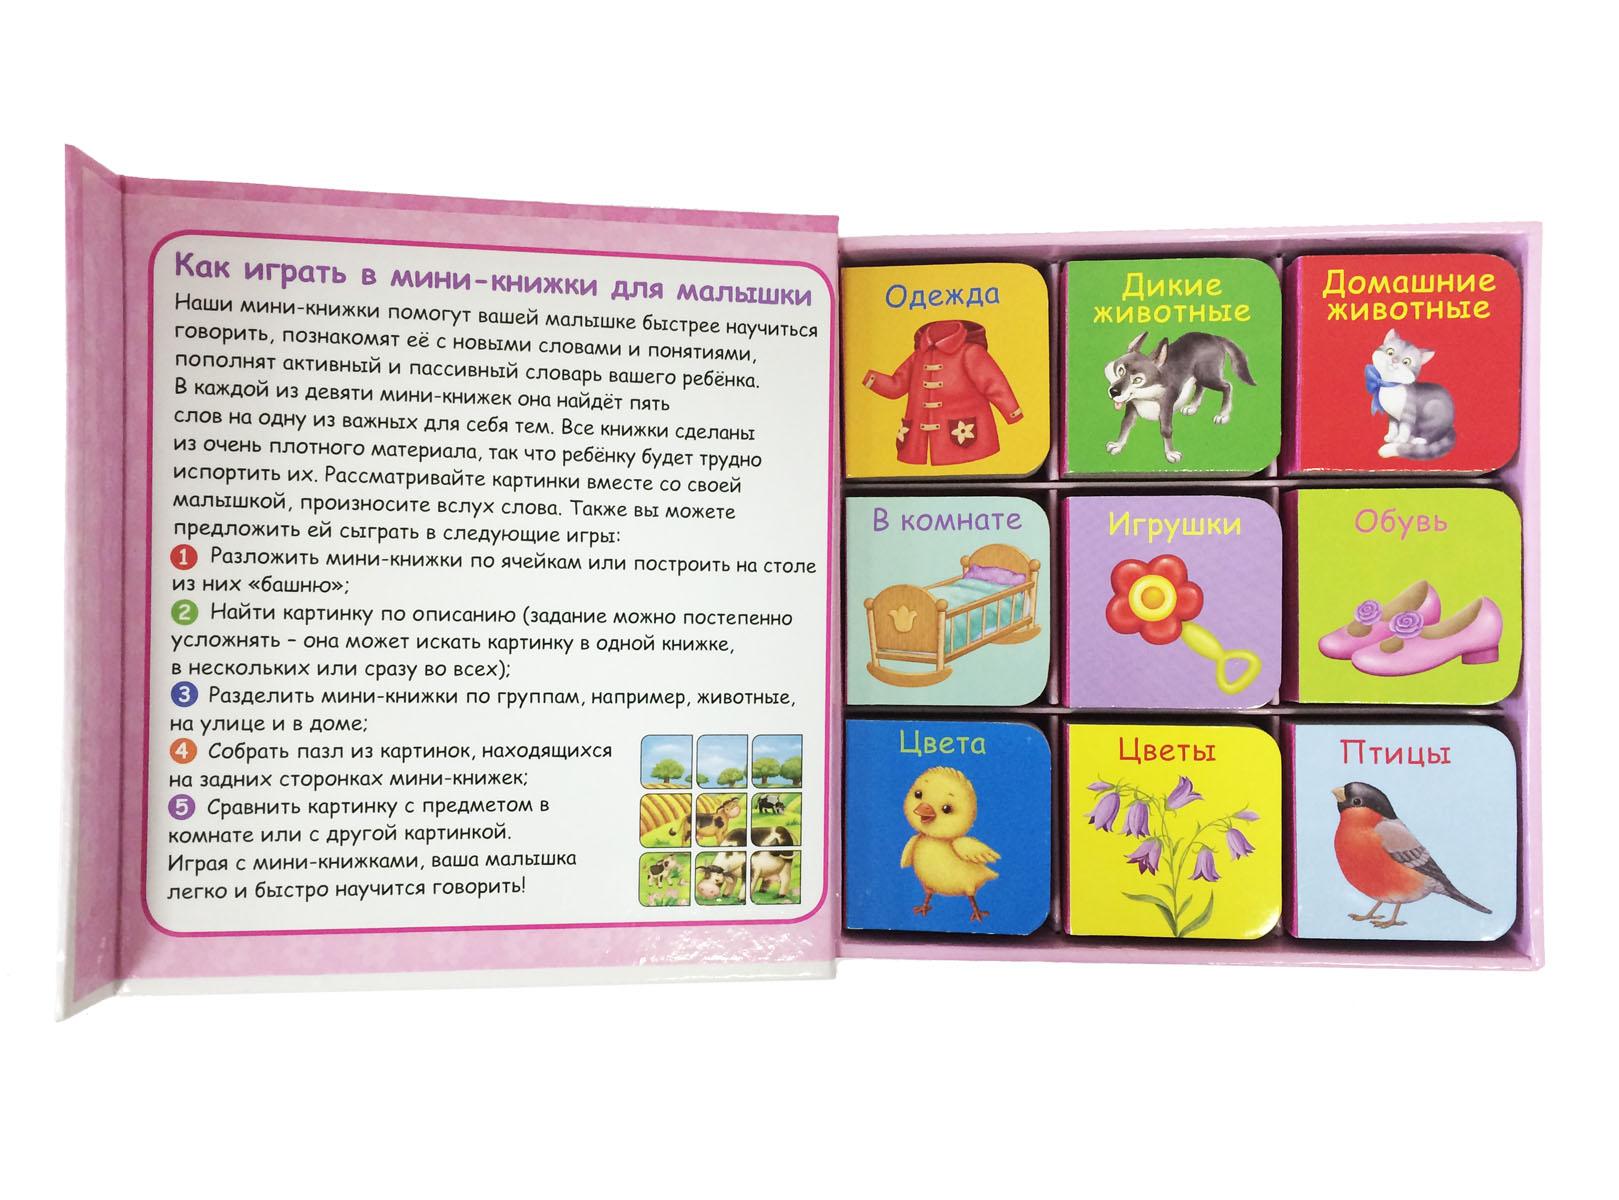 Как сделать страницу в книжке малышке